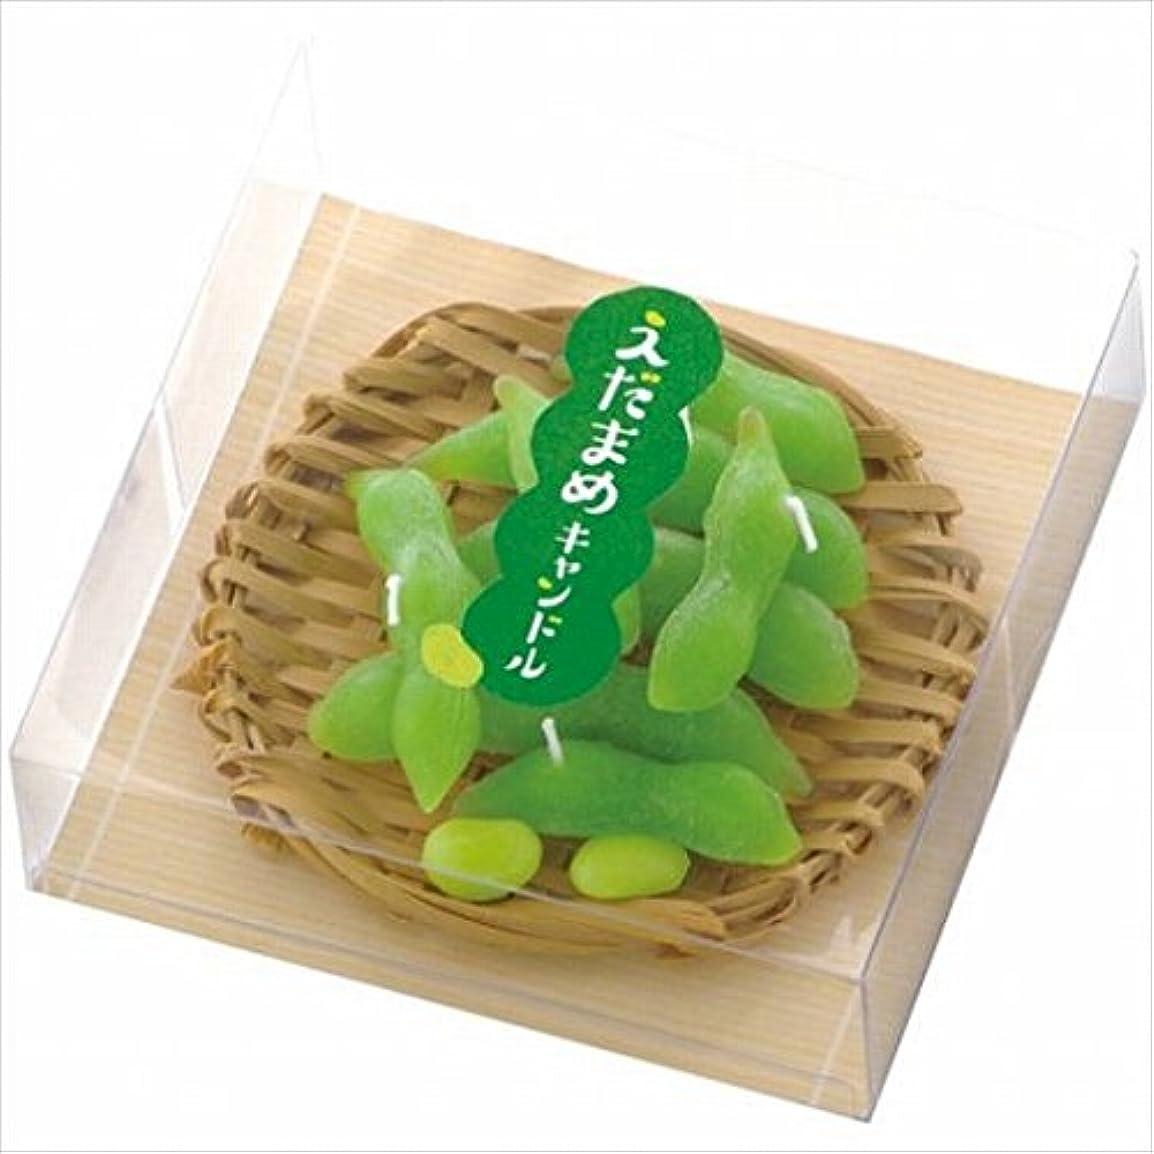 耐久レンド想起カメヤマキャンドル(kameyama candle) えだまめキャンドル